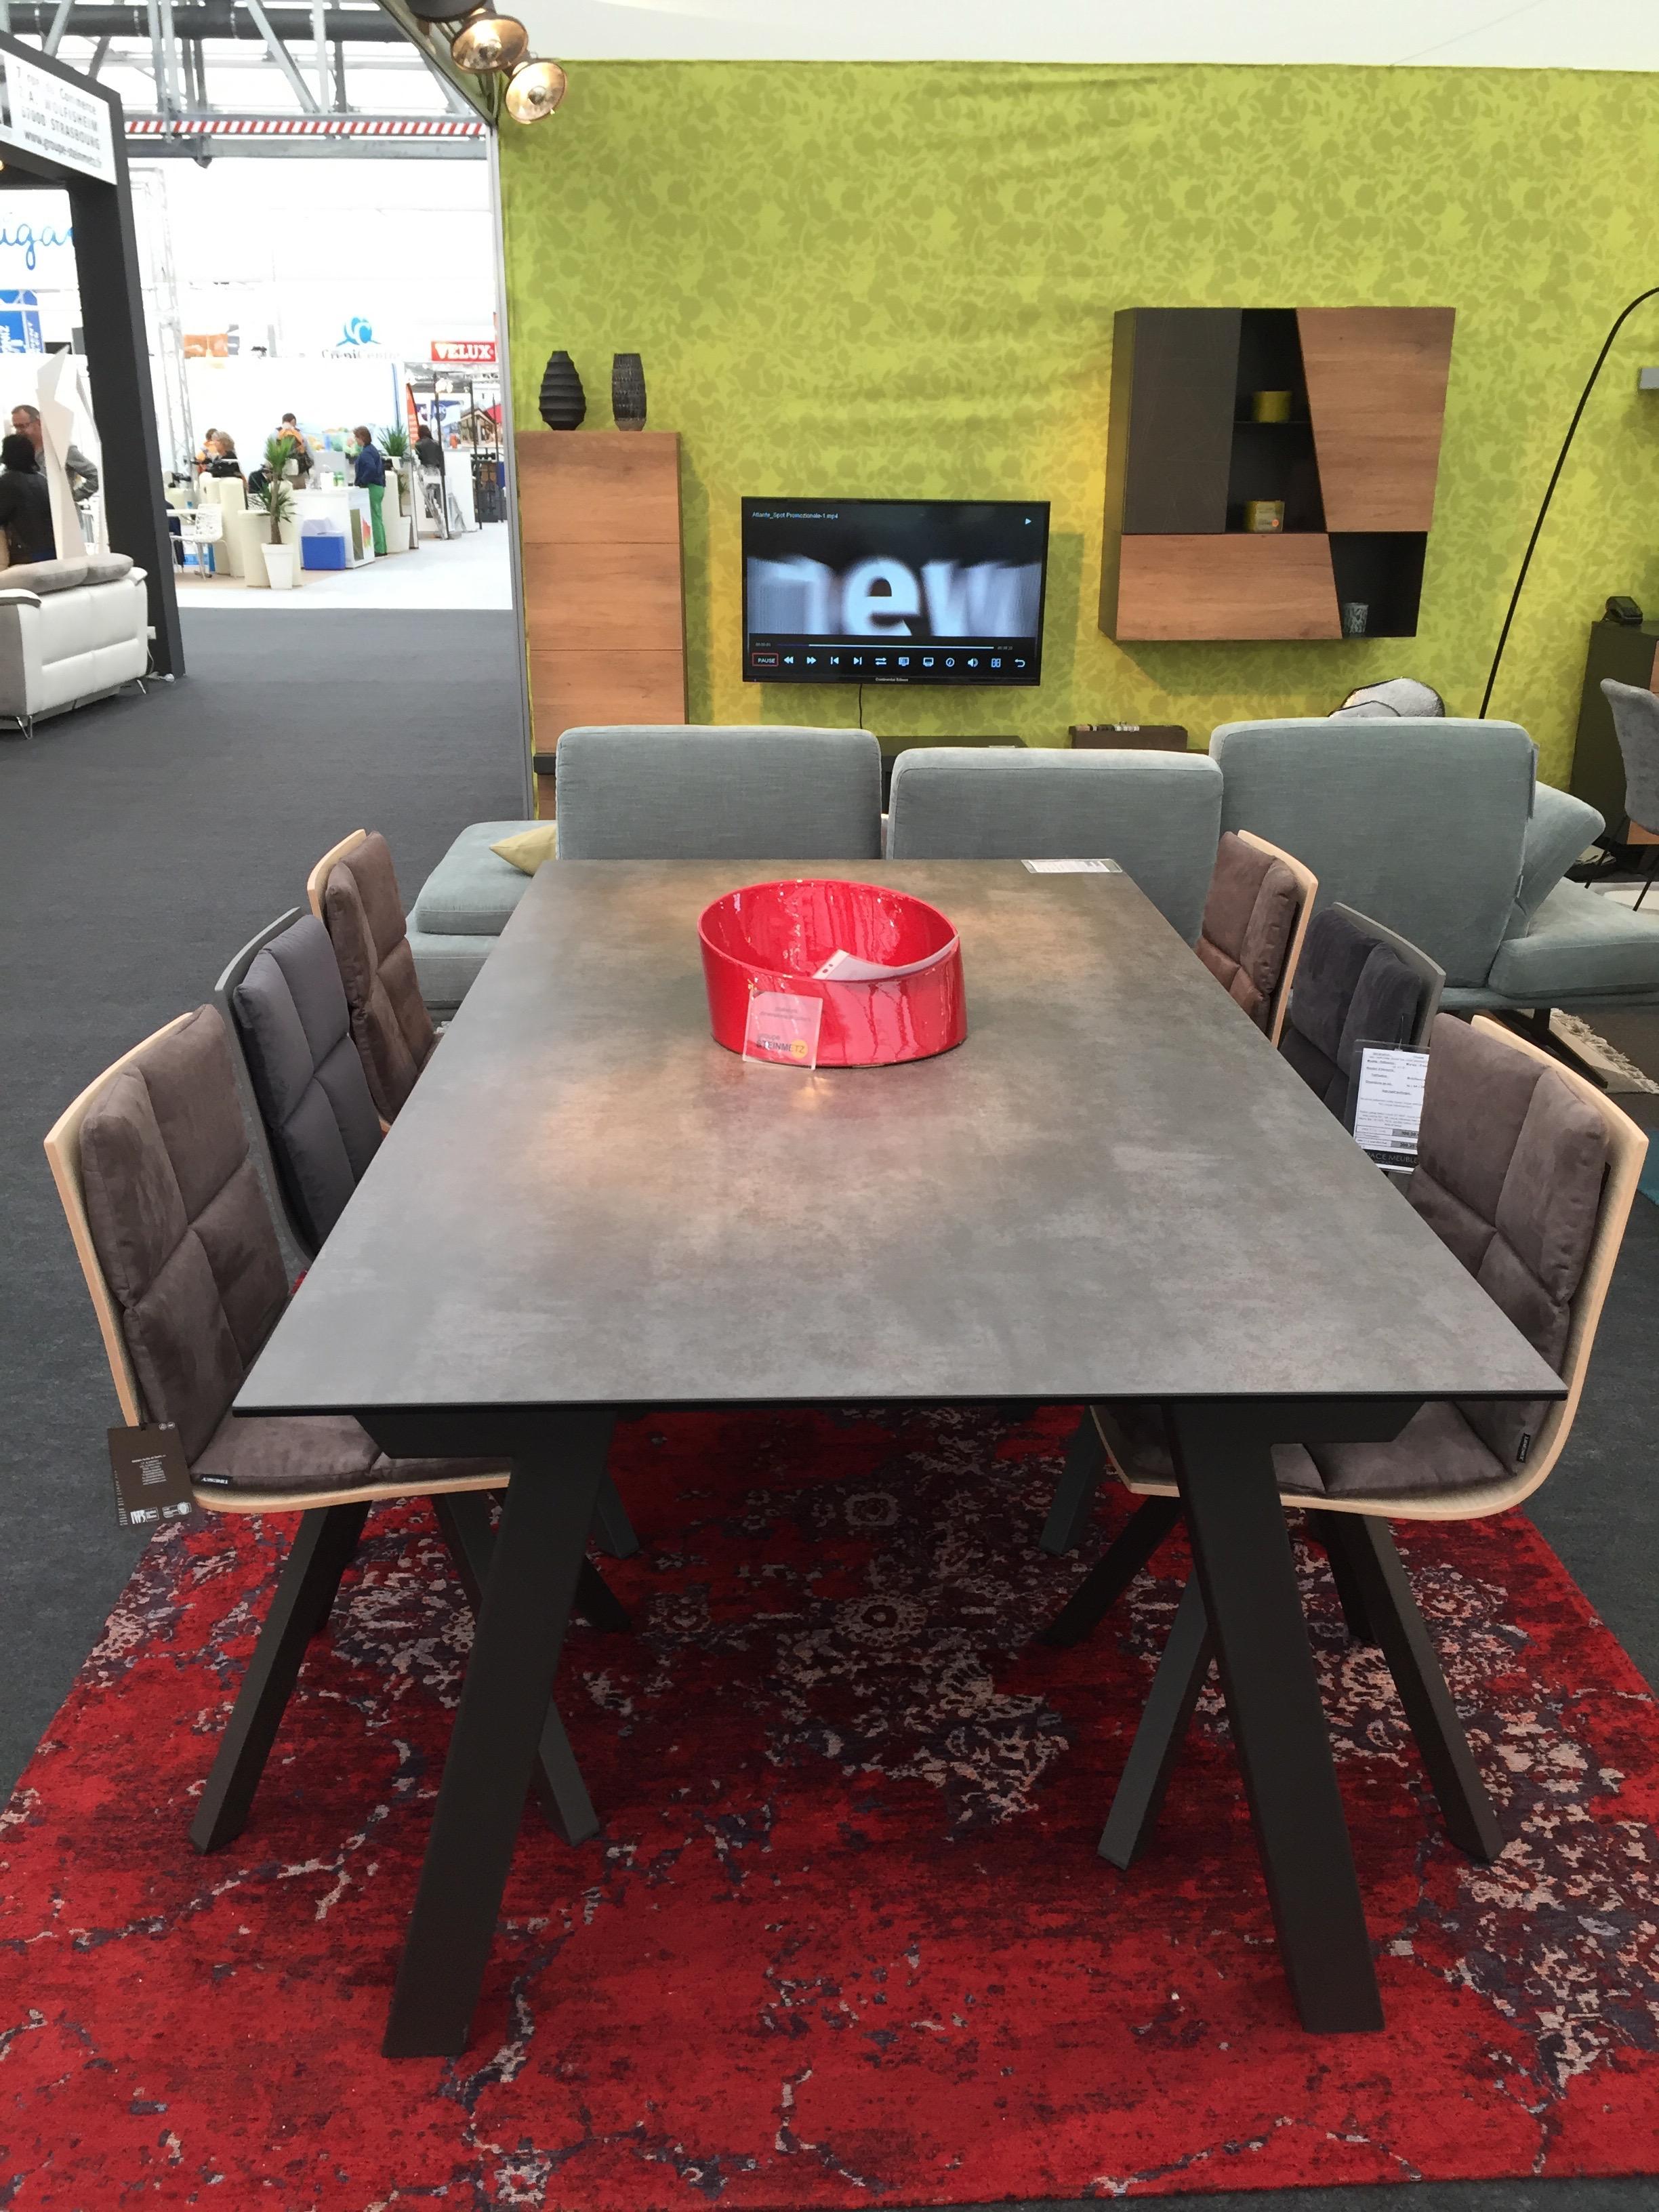 Img 9304 meubles steinmetz - Meubles steinmetz ...